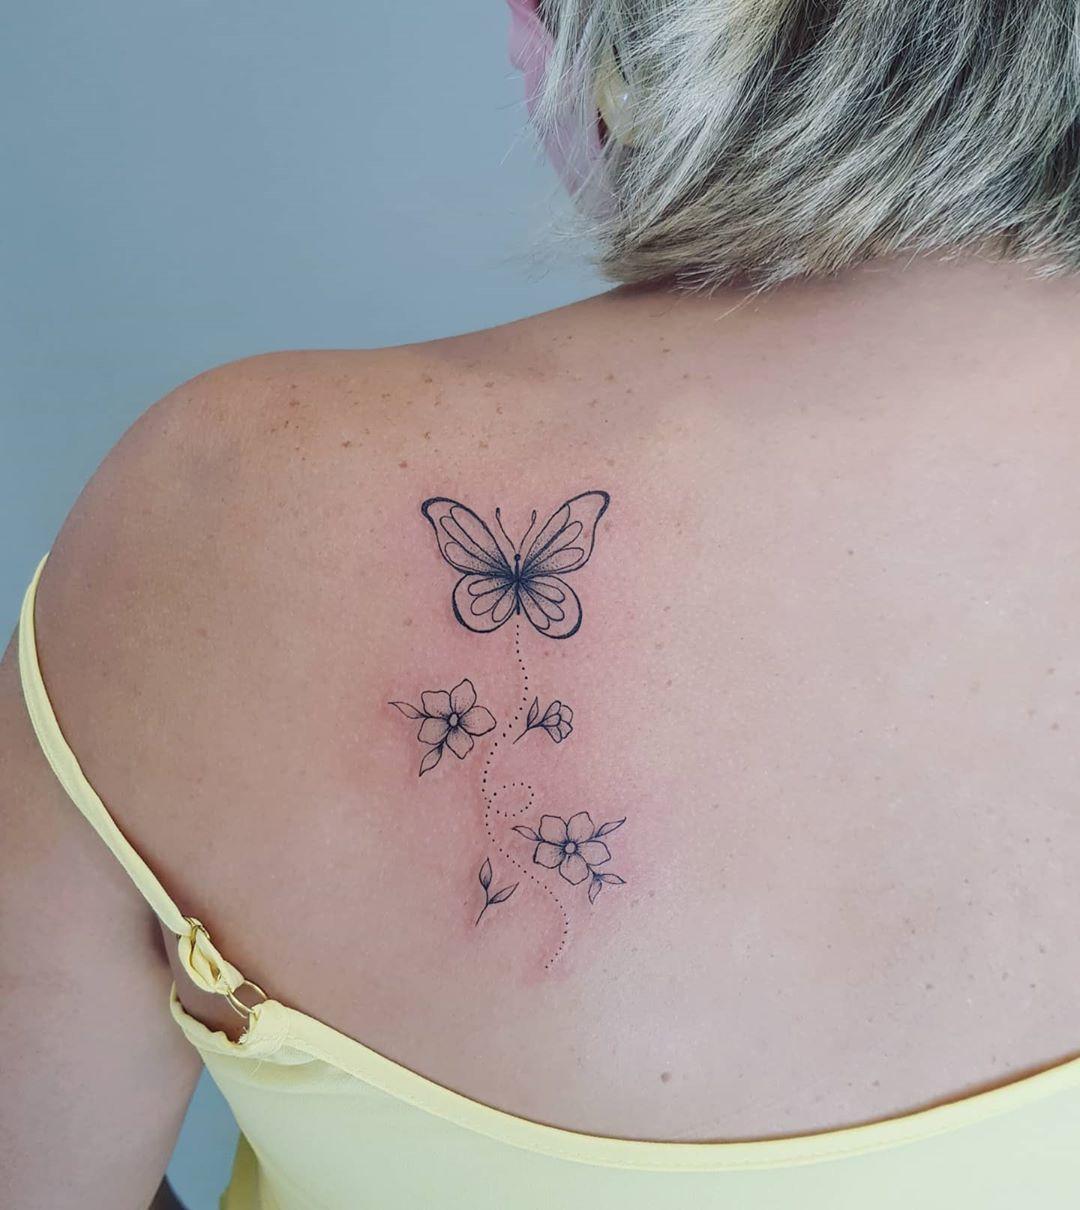 o desconhecido é um lugar escuro, mas pode te revelar grandes e maravilhosas surpresas!  #transformação . . #Tatuadora#Tattoo #Tatuagem #TPM #TatuagemParaMulheres #tatuagensfemininas #Tattoo2me #Tattoo2us #trendstattoo #Tattooguest #Instattoo #tattooinkspiration #Inspirationtattoo #tintanapele #Ttblackink #inktattoo #tattoopontocom #tattoomogisjc #tatuagensdelicadas #tattoodo #tatuadoresbrasileiros #minitattoos #cutetattoos #smalltattoo #finelinetattoo #tatuagemcaligrafica  #quarentenadia10